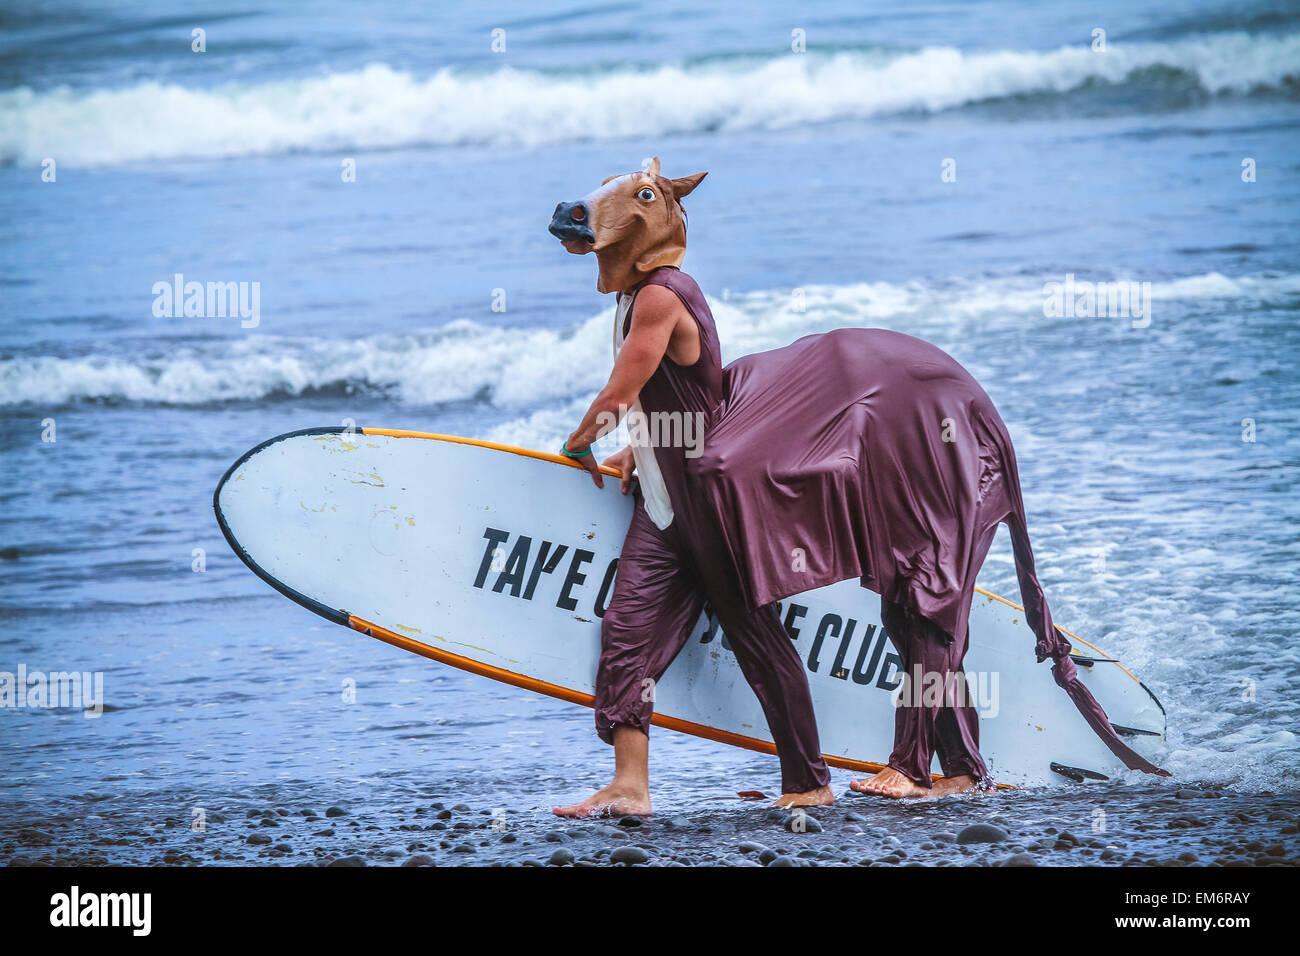 Surfen Sie in einem Karnevalskostüme, Bali, Indonesien.  Nur ein Spaß und spielen mit Freunden. Stockbild